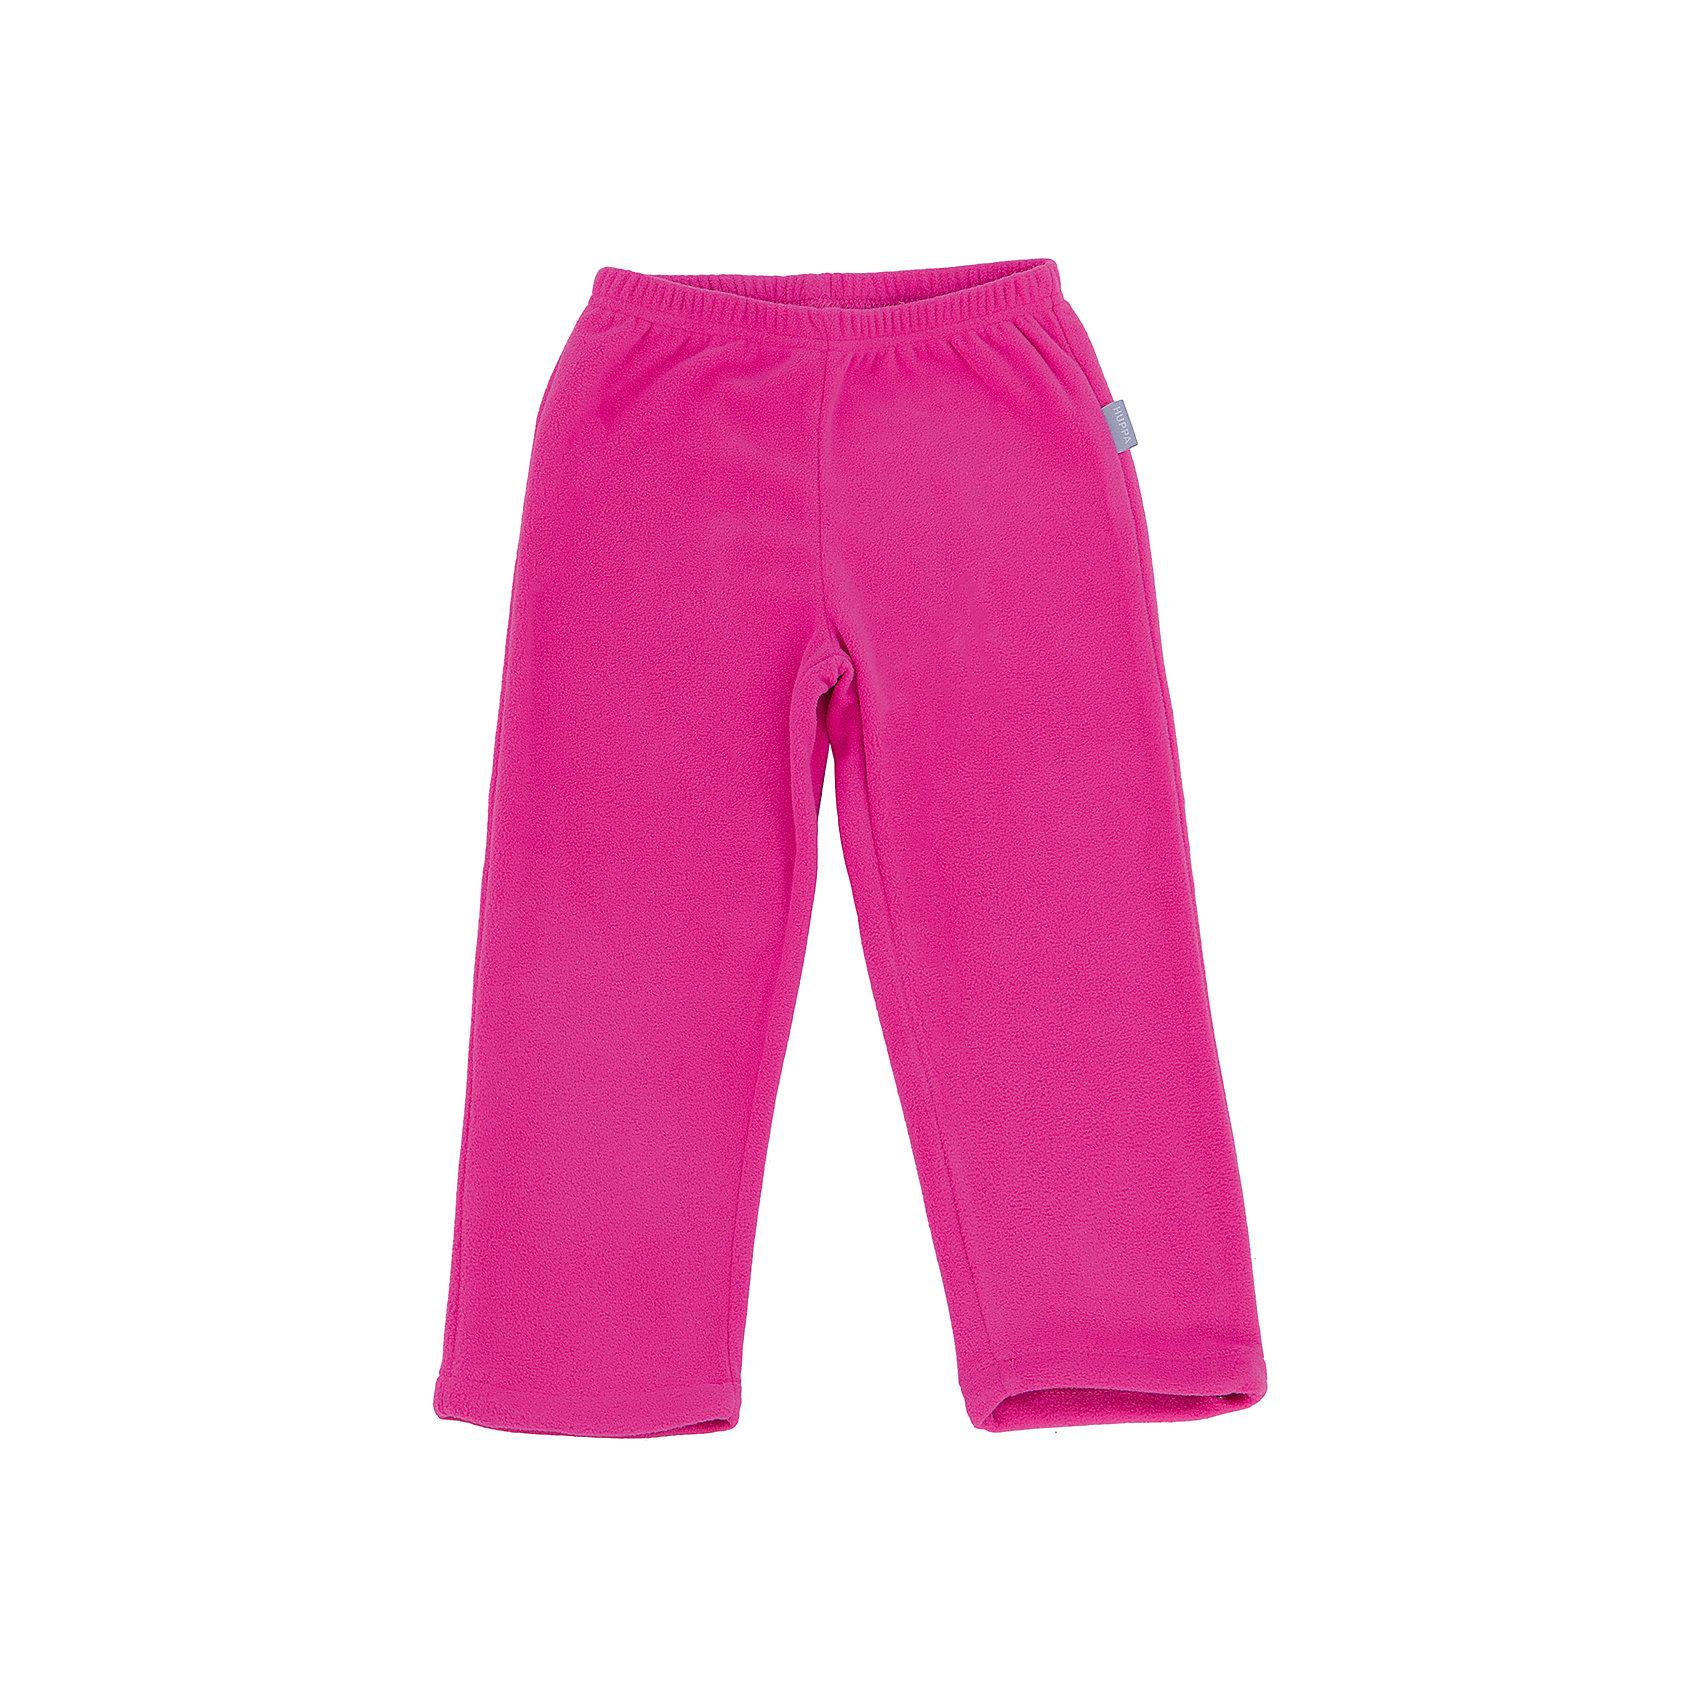 Штаны флисовыe HuppaБрюки<br>Флисовые брюки BILLY Huppa(Хуппа) имеют удобную резинку, их легко надеть. Брюки достаточно теплые и отлично подойдут в качестве промежуточного слоя в одежде в зимнее время или как верхняя одежда весной-осенью.<br><br>Дополнительная информация:<br>Материал: 100% полиэстер<br>Цвет: фуксия<br>Флисовые брюки BILLY Huppa(Хуппа) вы можете приобрести в нашем интернет-магазине.<br><br>Ширина мм: 190<br>Глубина мм: 74<br>Высота мм: 229<br>Вес г: 236<br>Цвет: розовый<br>Возраст от месяцев: 60<br>Возраст до месяцев: 72<br>Пол: Женский<br>Возраст: Детский<br>Размер: 116,98,104,110<br>SKU: 4928440